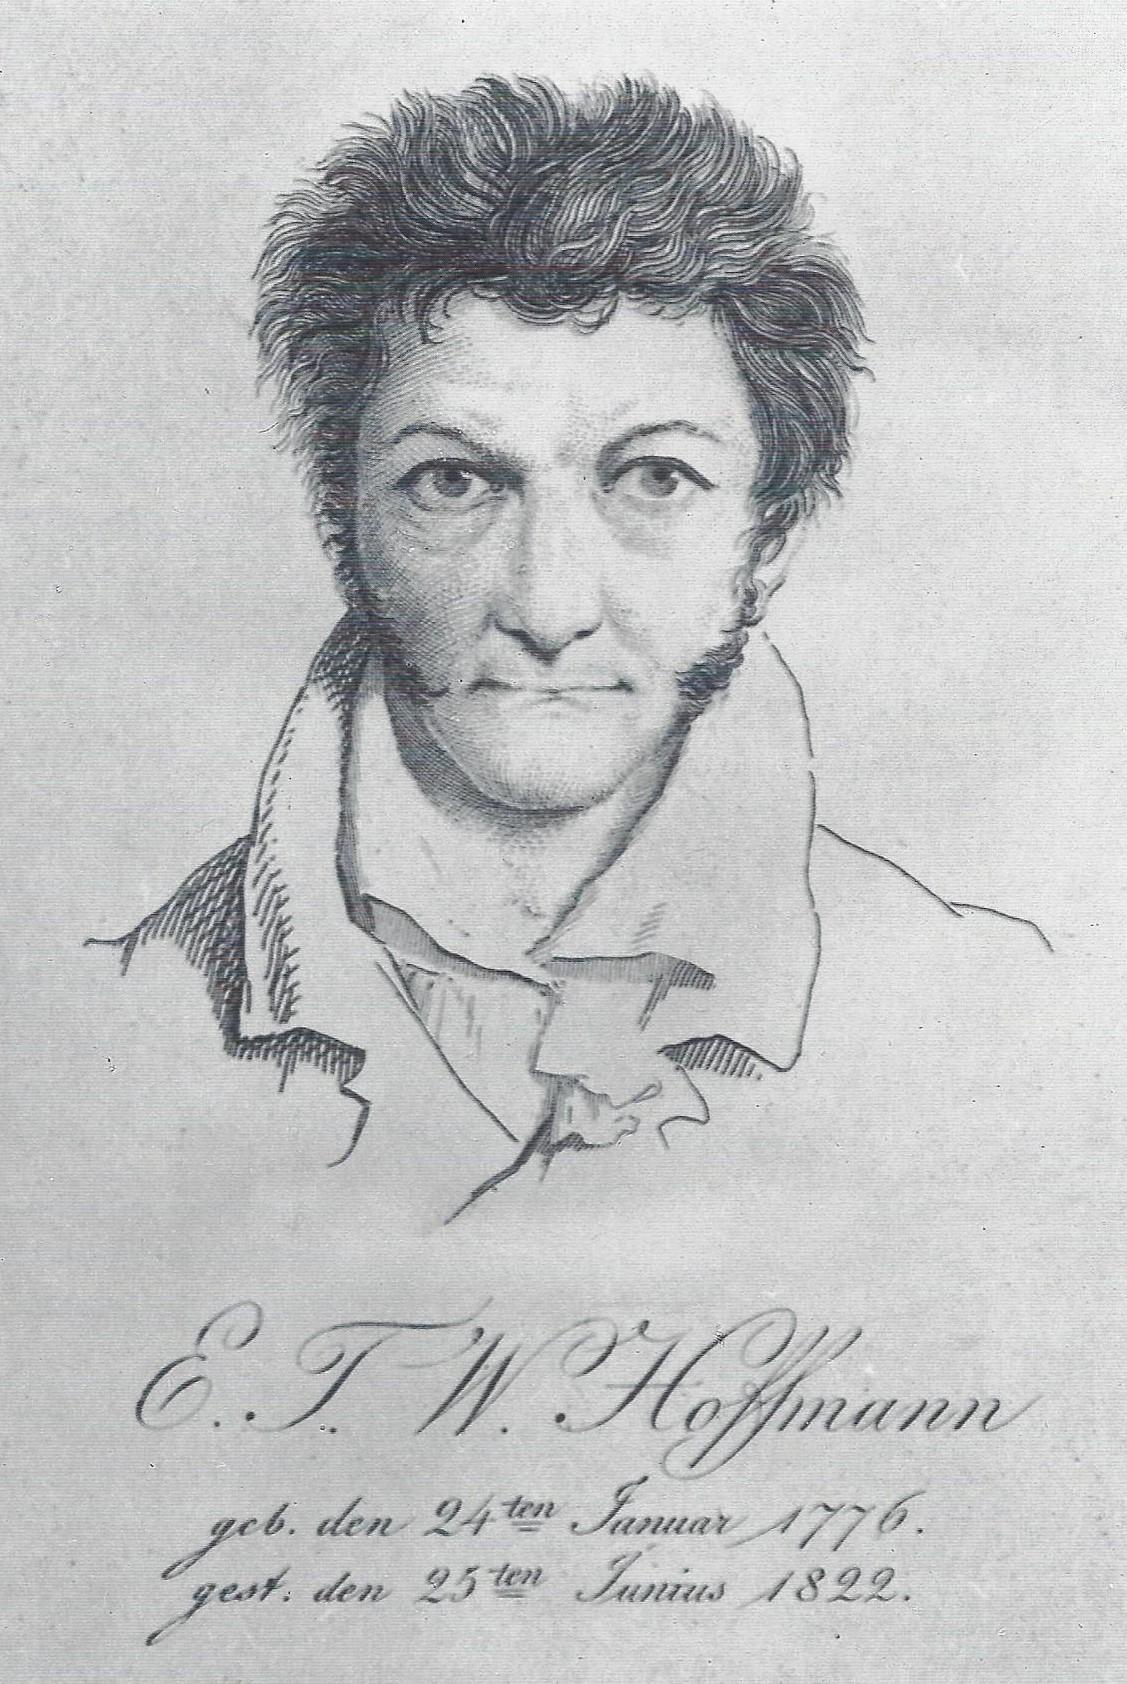 Autoportrait d'Hoffmann: dessin en noir et blanc. L'auteur est représenté de face, les cheveux ébouriffés et le visage fermé.